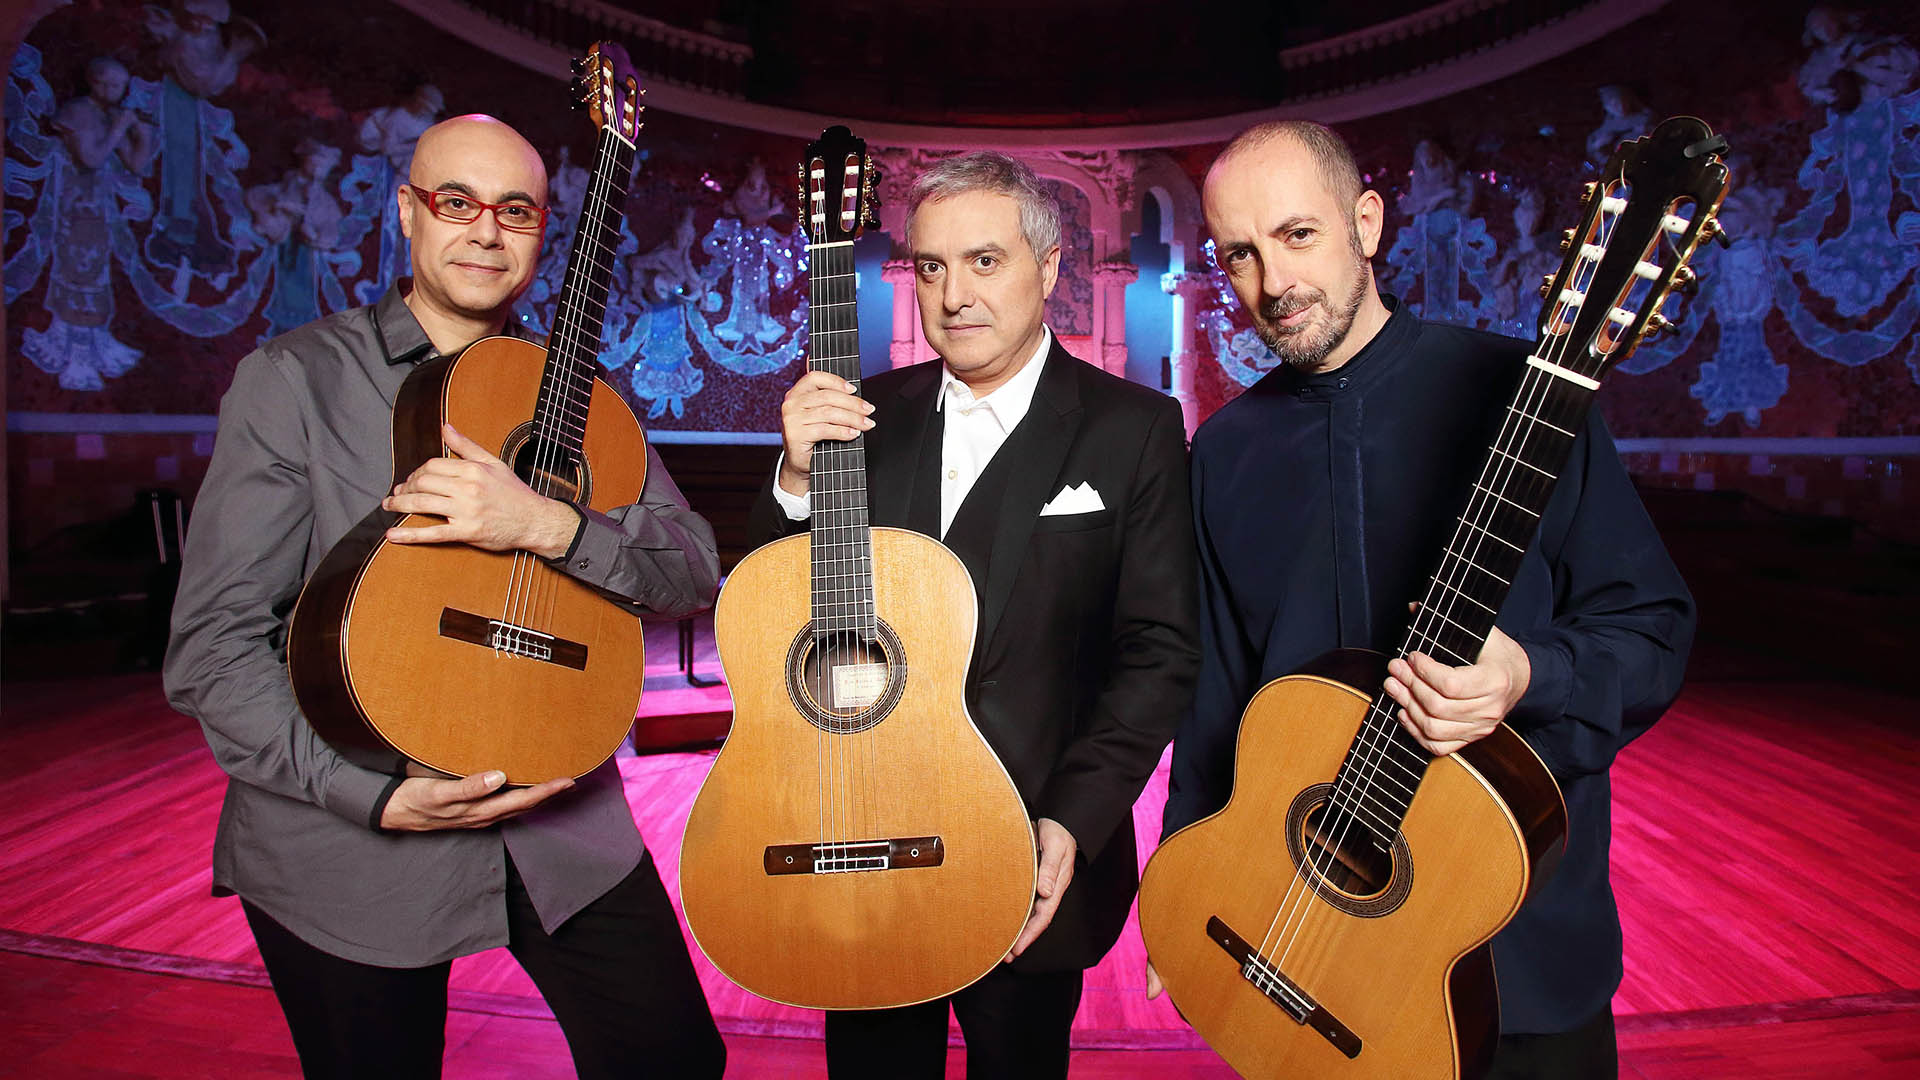 Homenaje A Paco De Lucía Barcelona Guitar Trio Palau De La Música Catalana